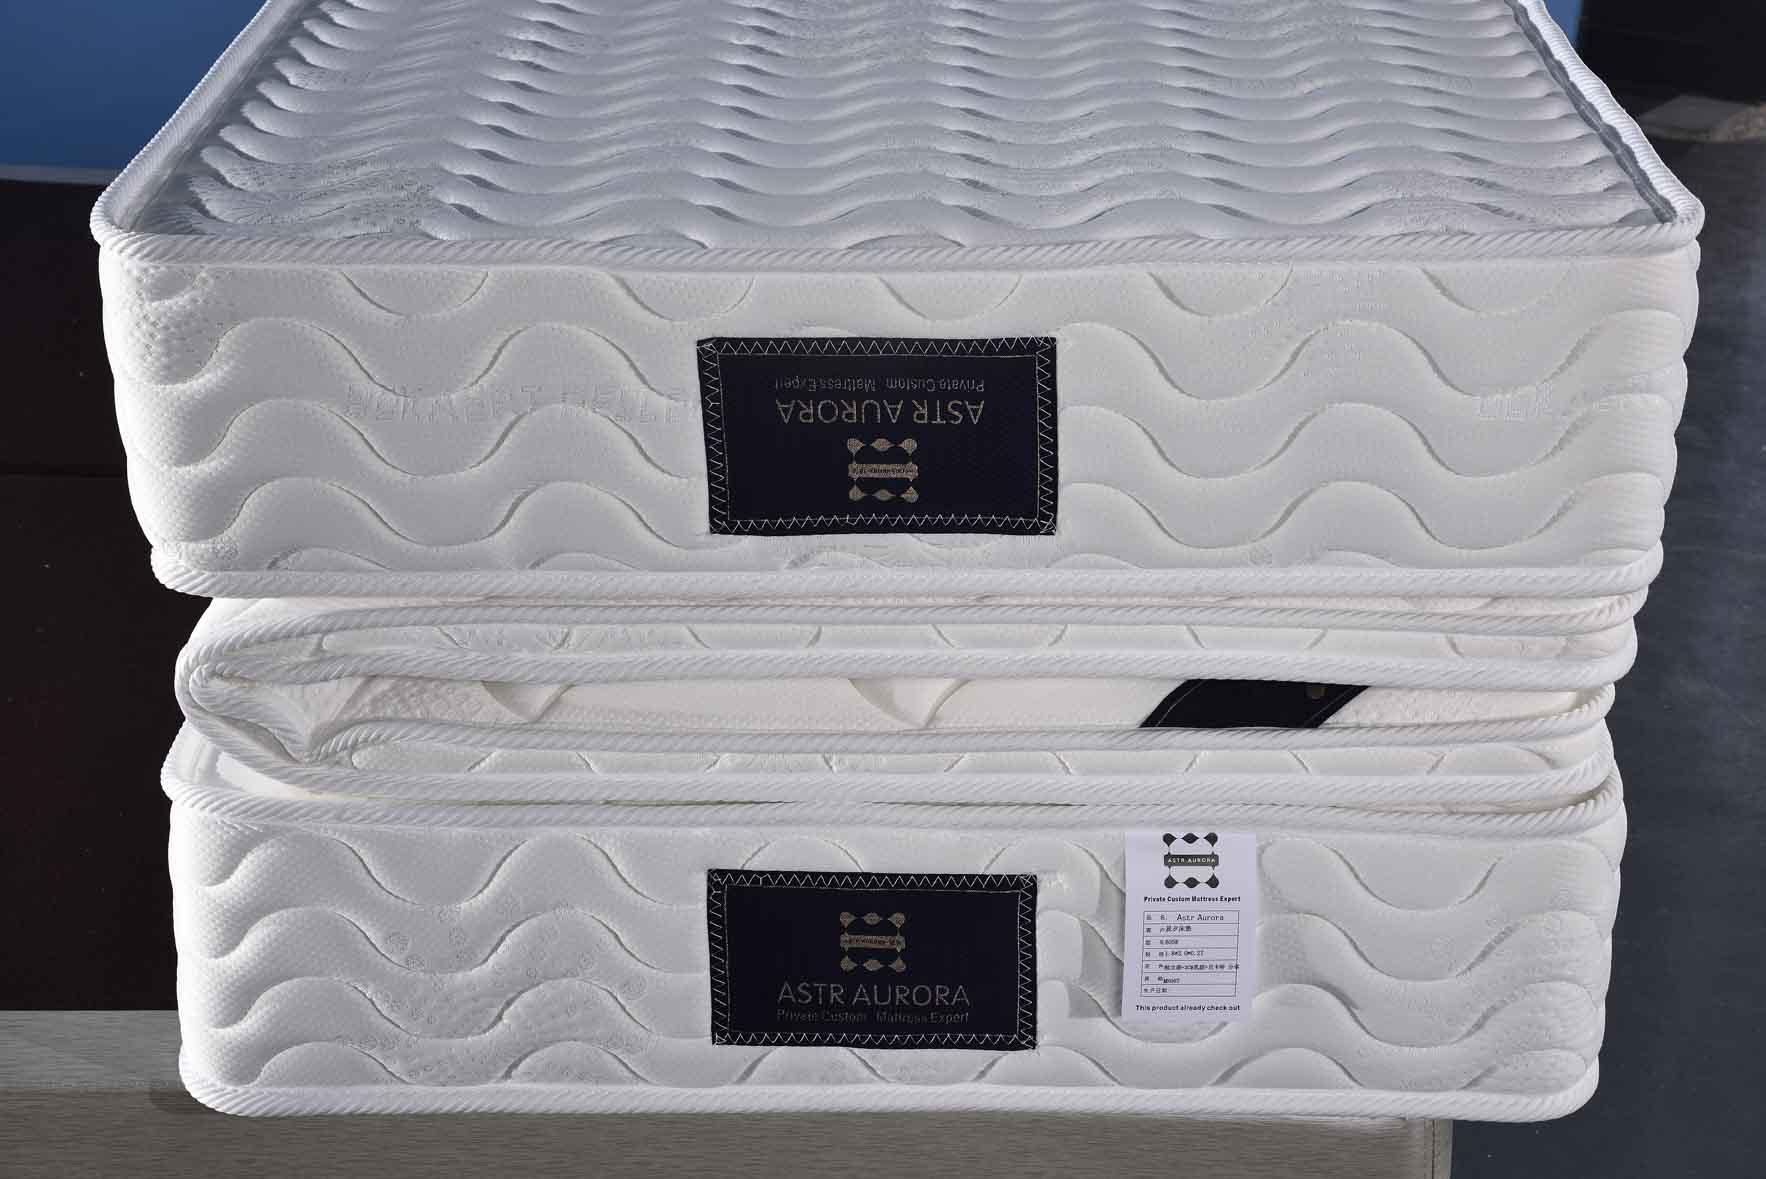 贵州儿童乳胶床垫 推荐咨询 苏州星夜家居科技供应